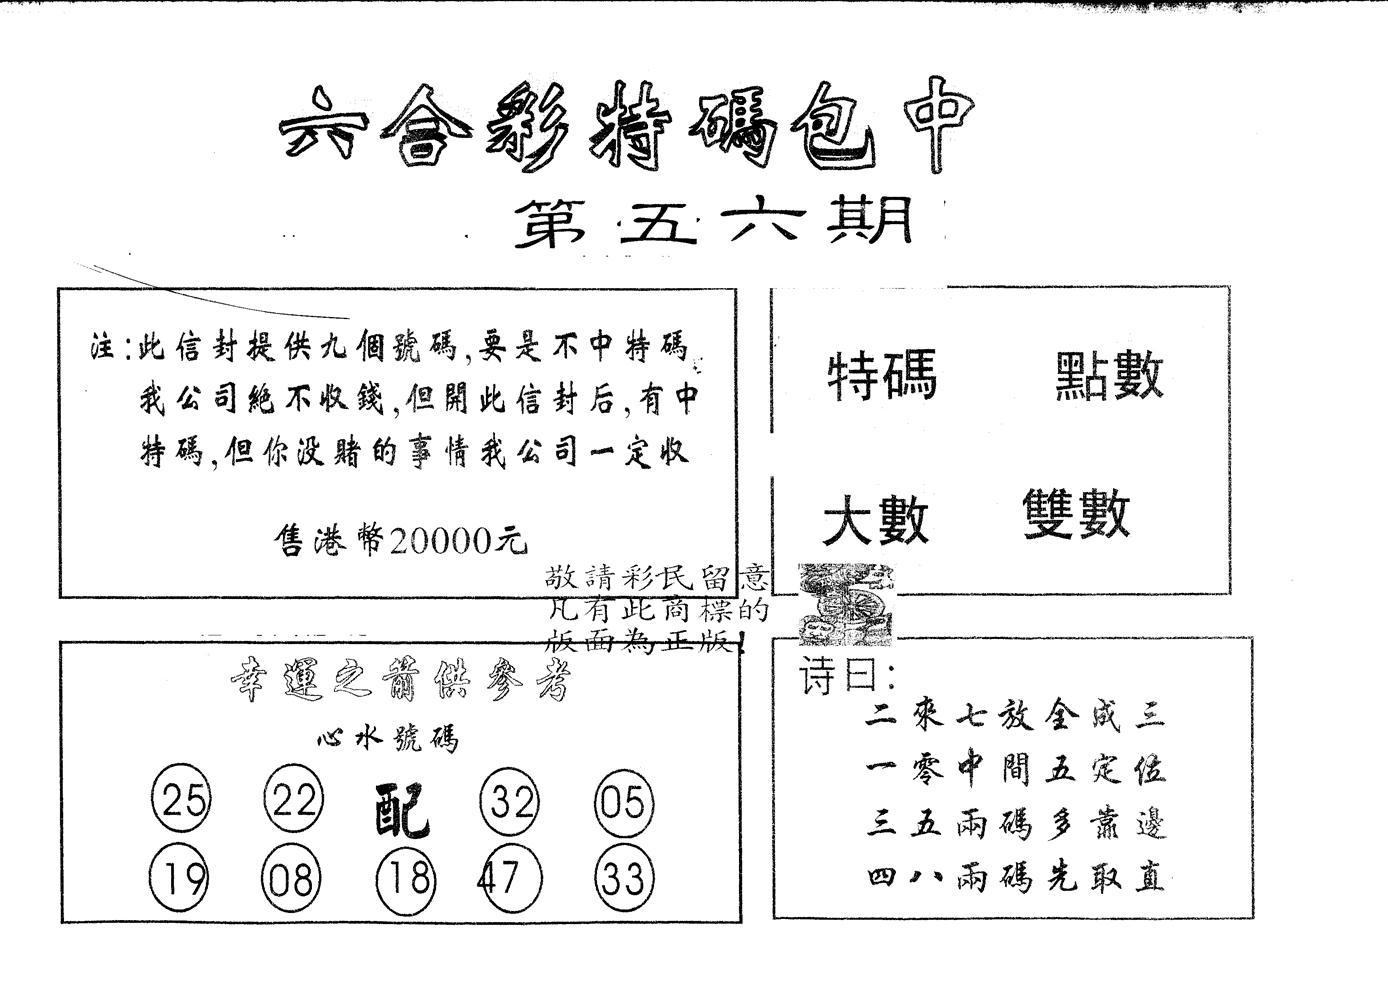 056期另版2000包中特(黑白)